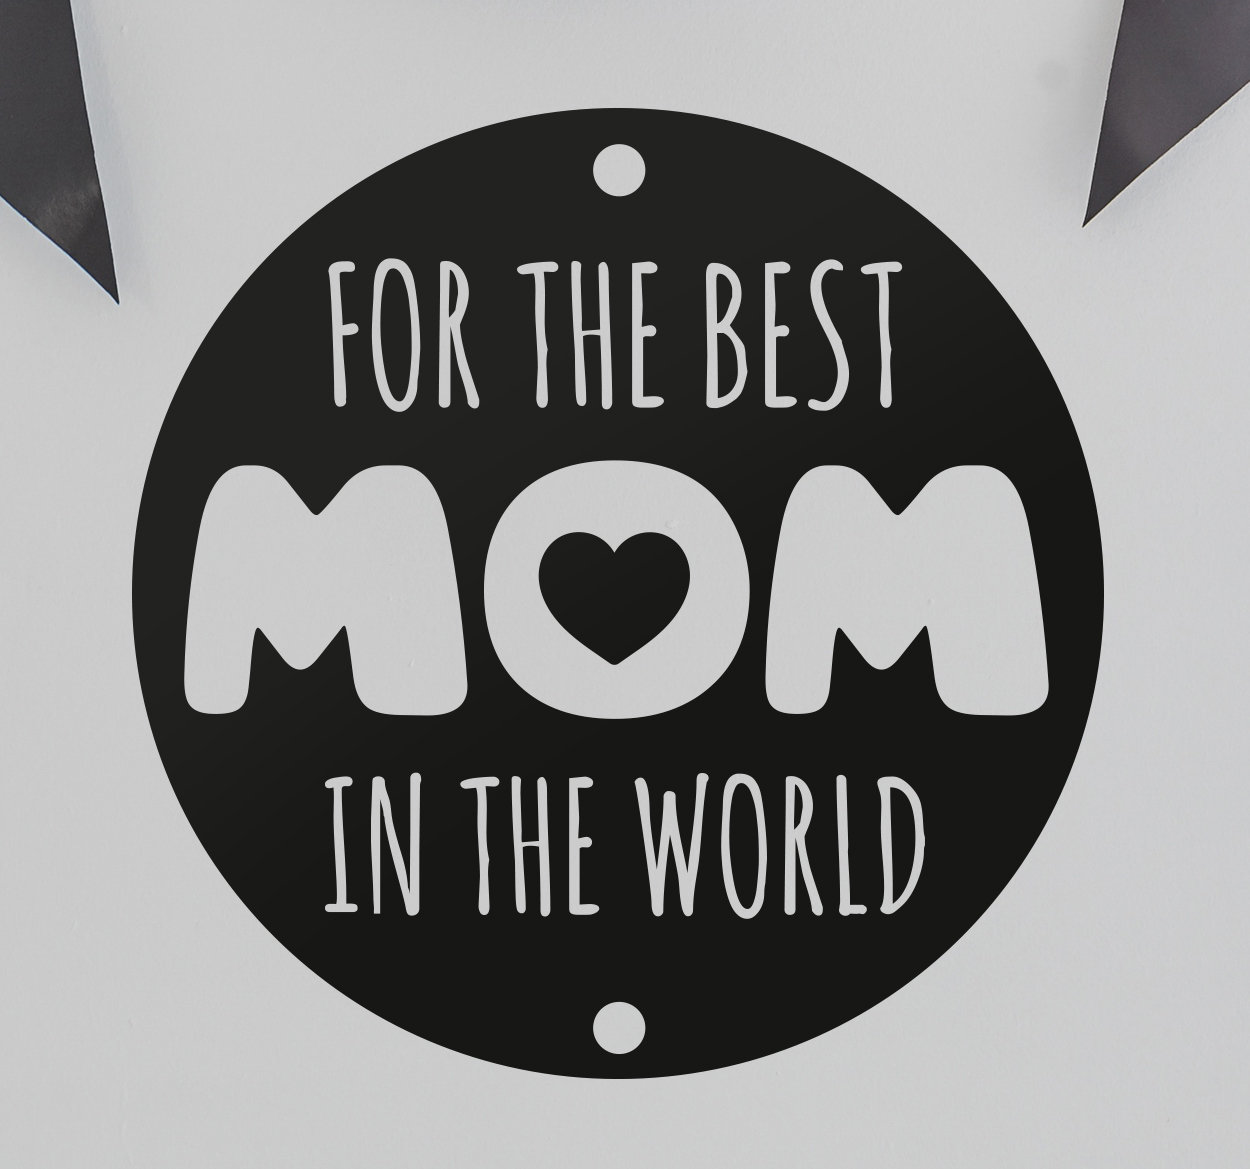 TenStickers. Sticker for the best mom in the world. Sticker met de tekst for the best mom in the world, met in de O een hartje, een mooie wanddecoratie voor Moederdag.